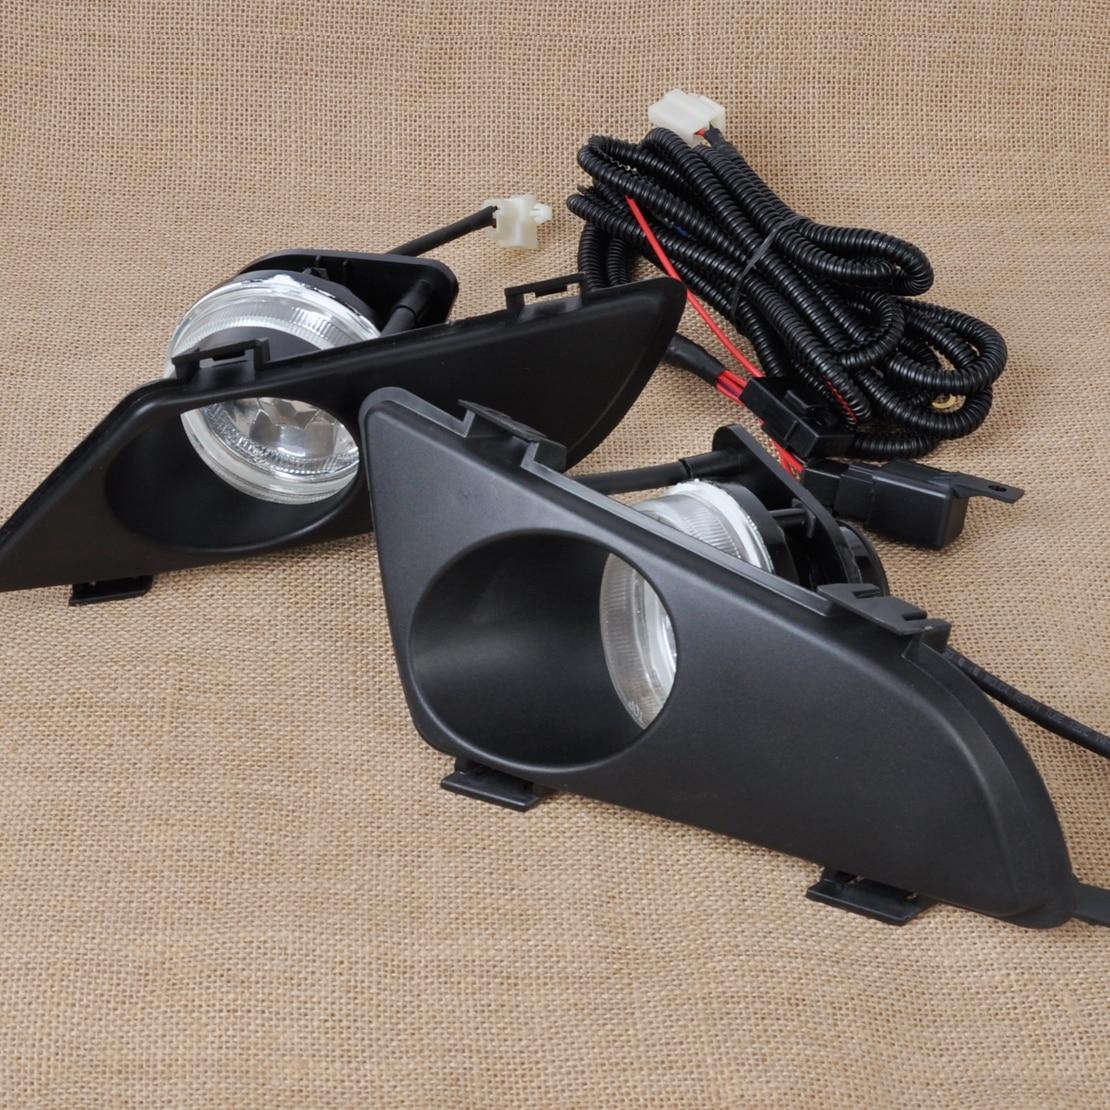 Beler Nouveau 12 V Avant Droite Gauche Brouillard Clair Lumières Lampe lentille w/Câblage Kit pour Mazda 6 2003 2004 2005 Gros prix